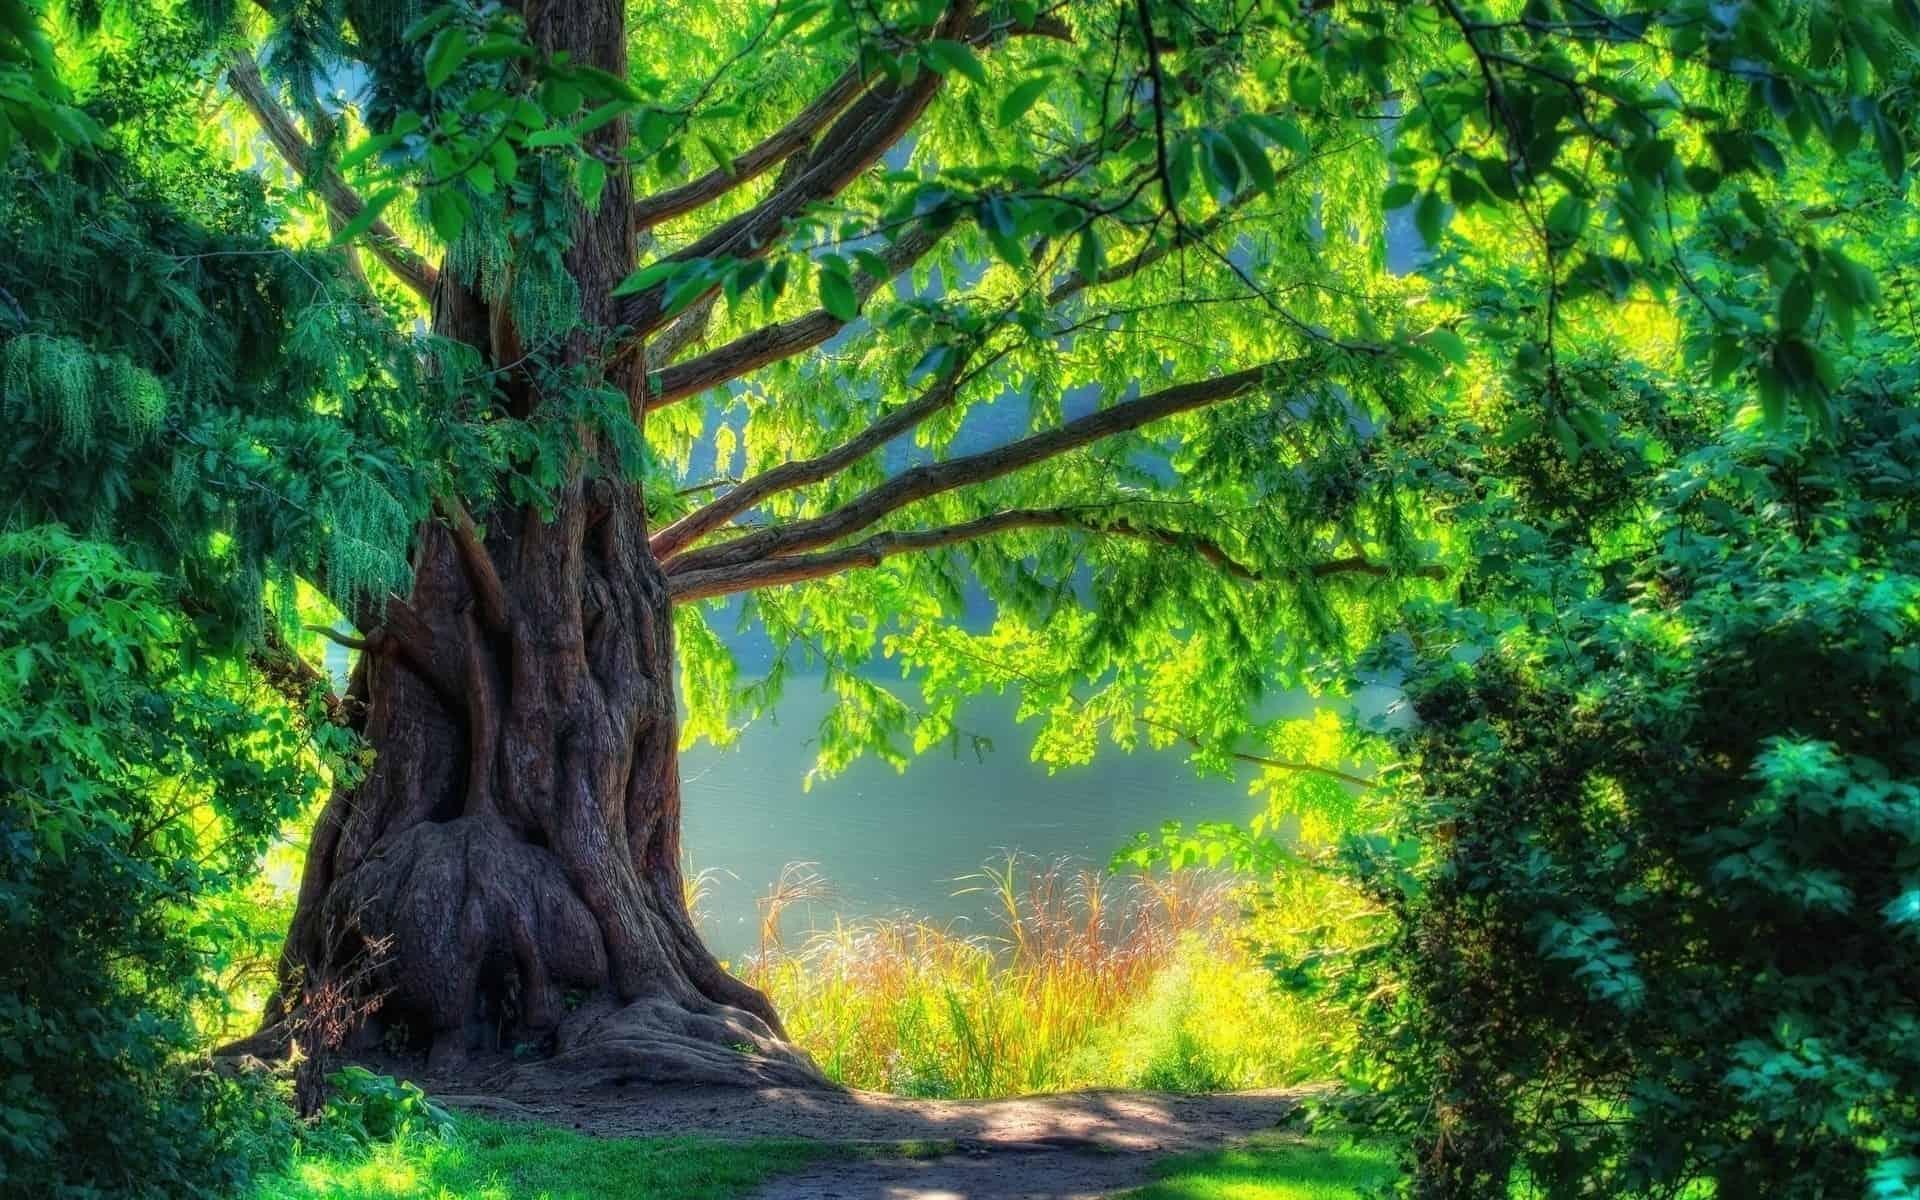 الاشجار دائمة الخضرة